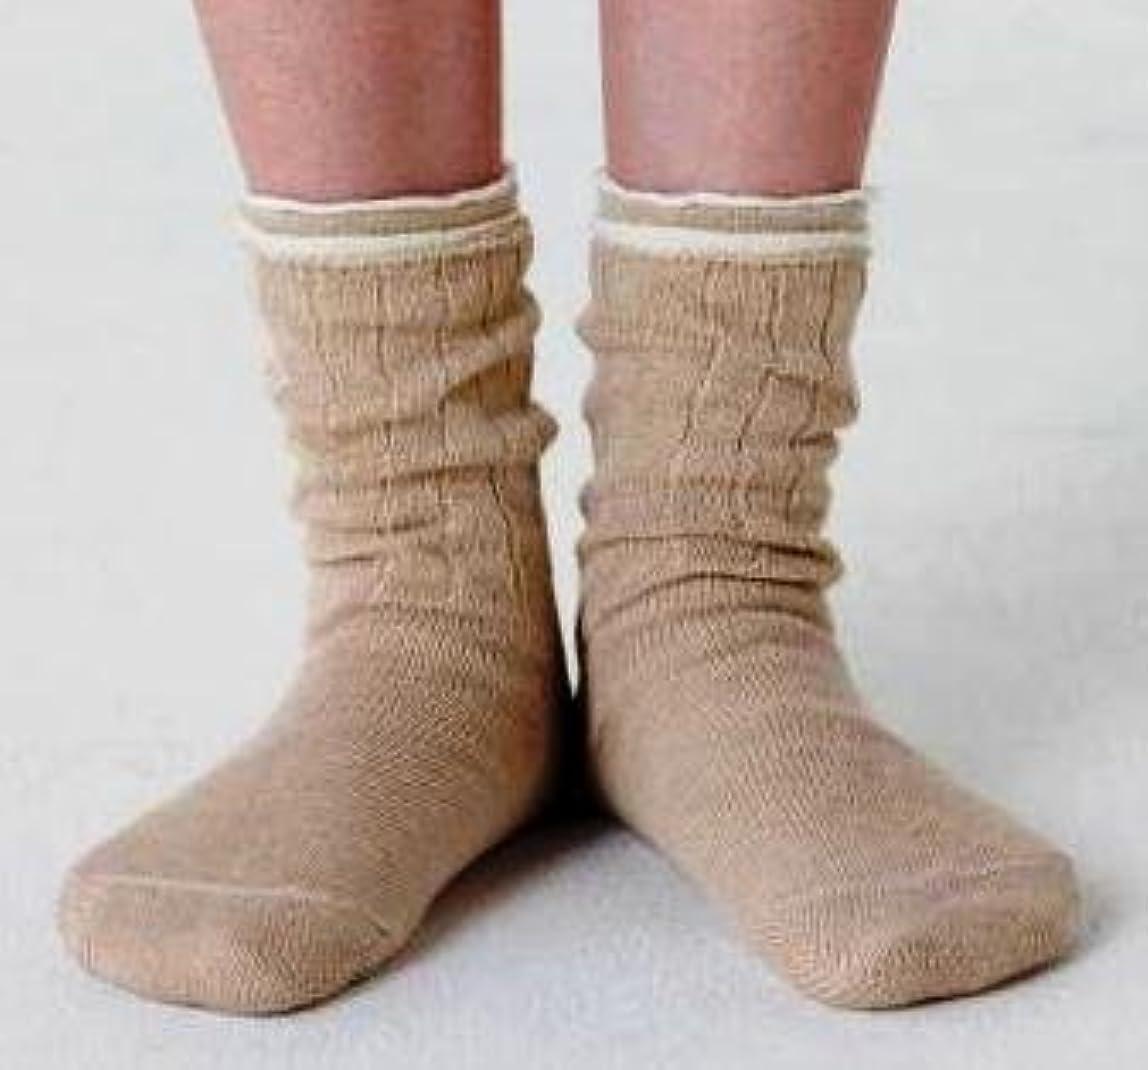 倍率グラディス動機付ける冷え取り靴下 4枚重ね履きソックス(絹?綿?絹?綿) サイズ:22~24.5cm